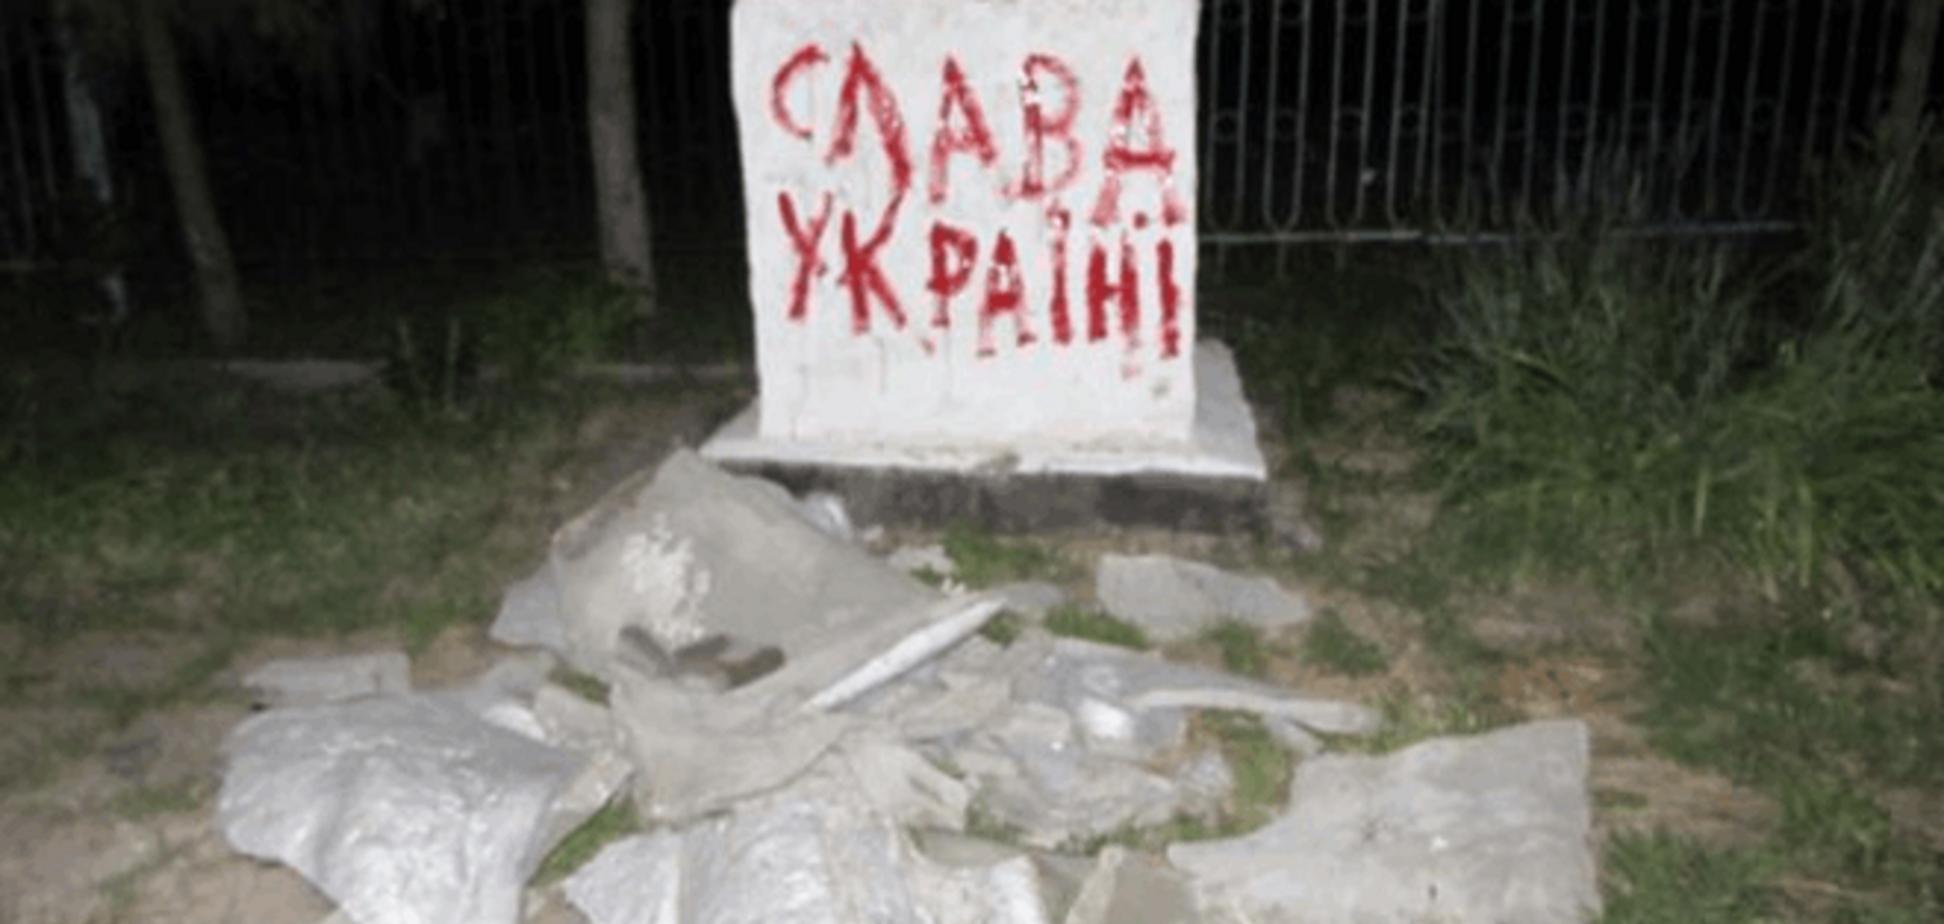 'Хотел убежать в Россию, но не успел': на Луганщине стало на три Ленина меньше